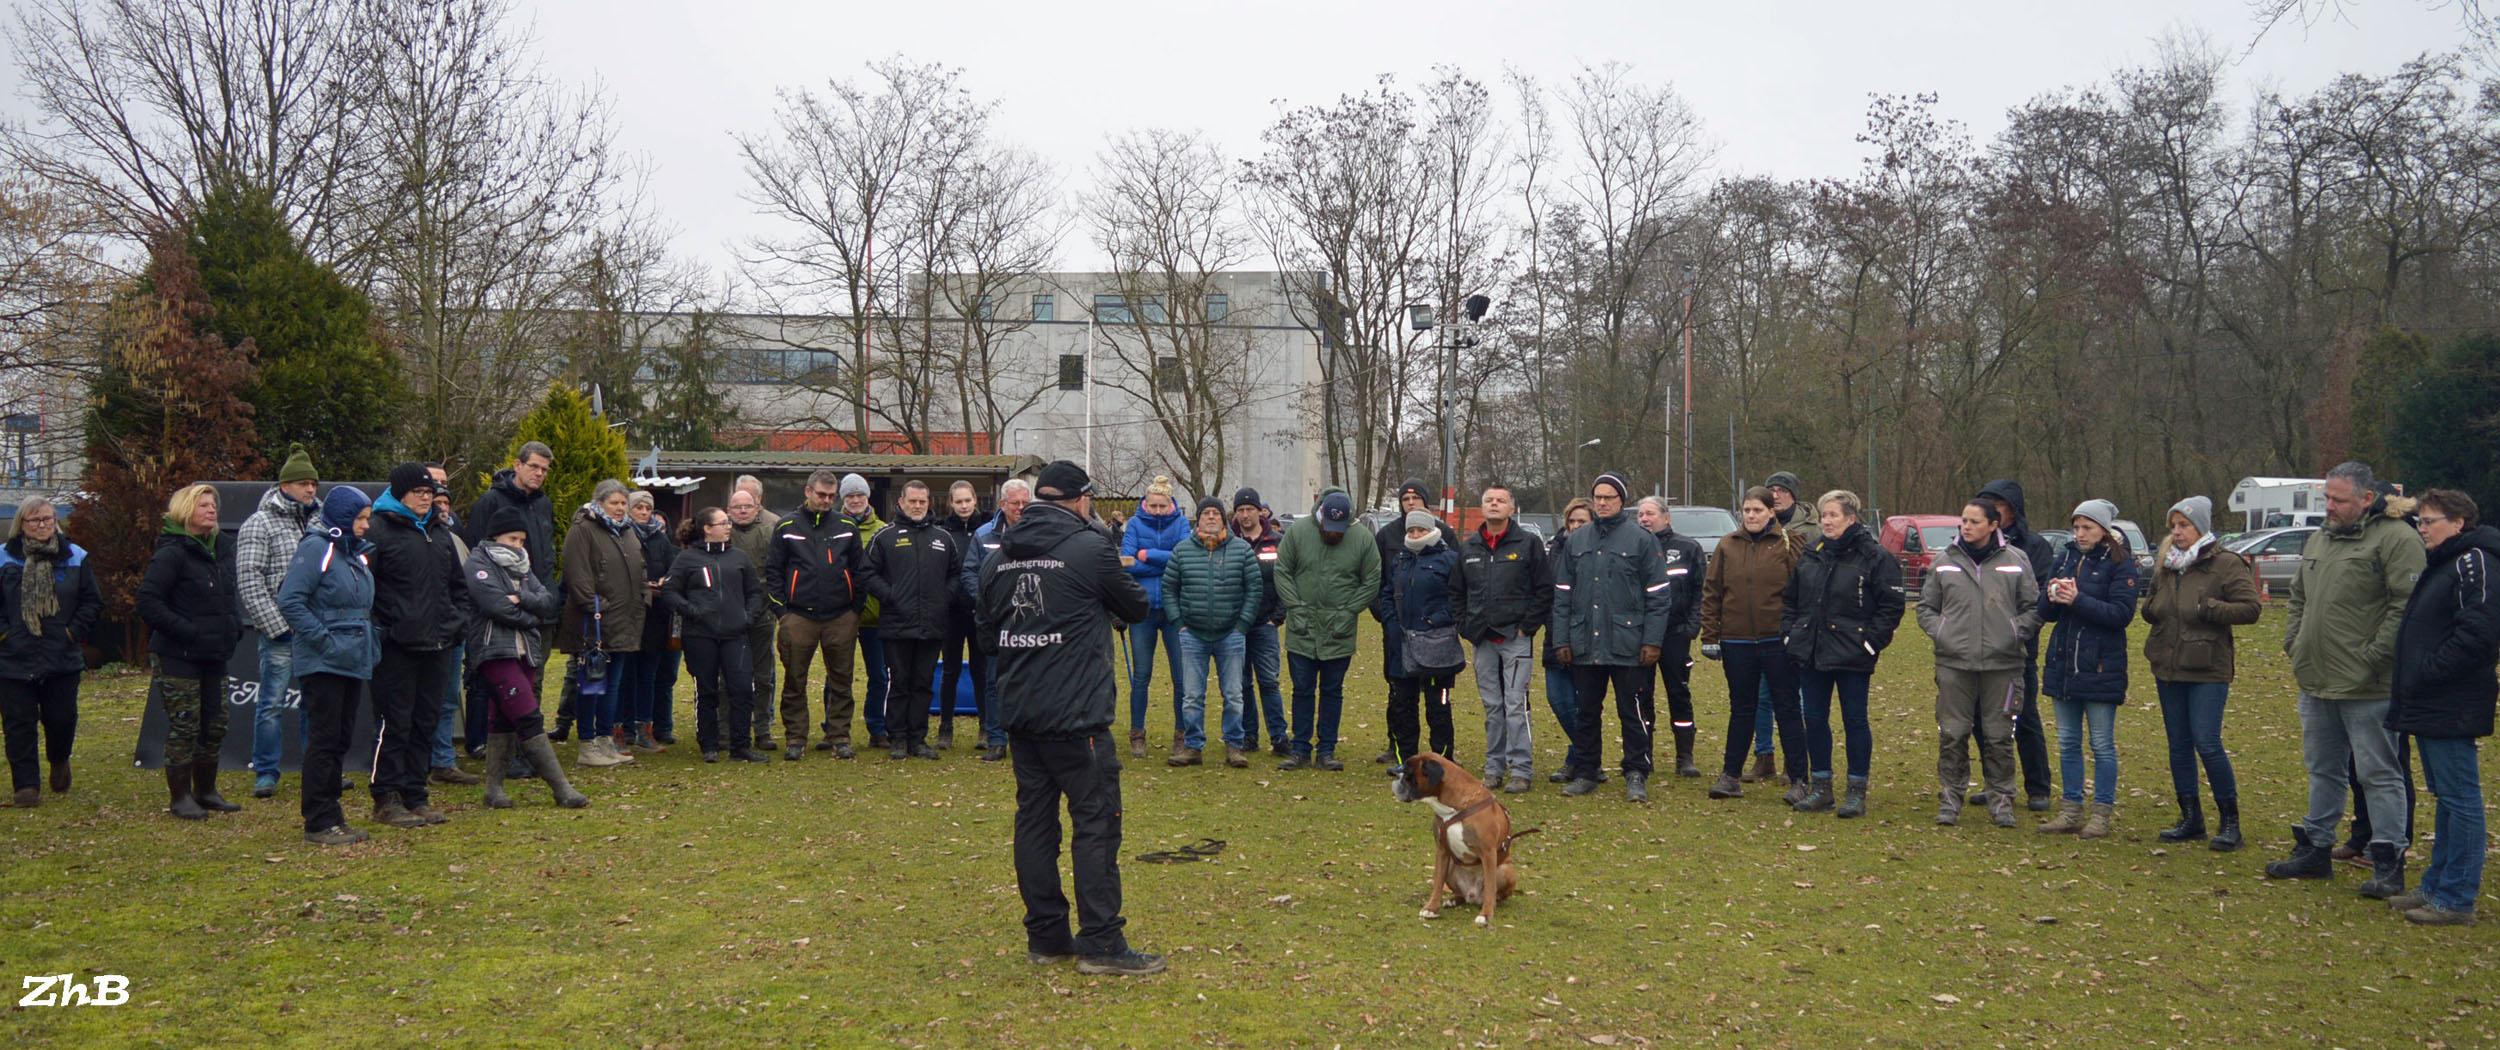 Teilnehmerstarker ABC-Lehrgang mit Lehrrichter Uwe Horst vom 24.-26.01.2020 in der Gruppe Köln